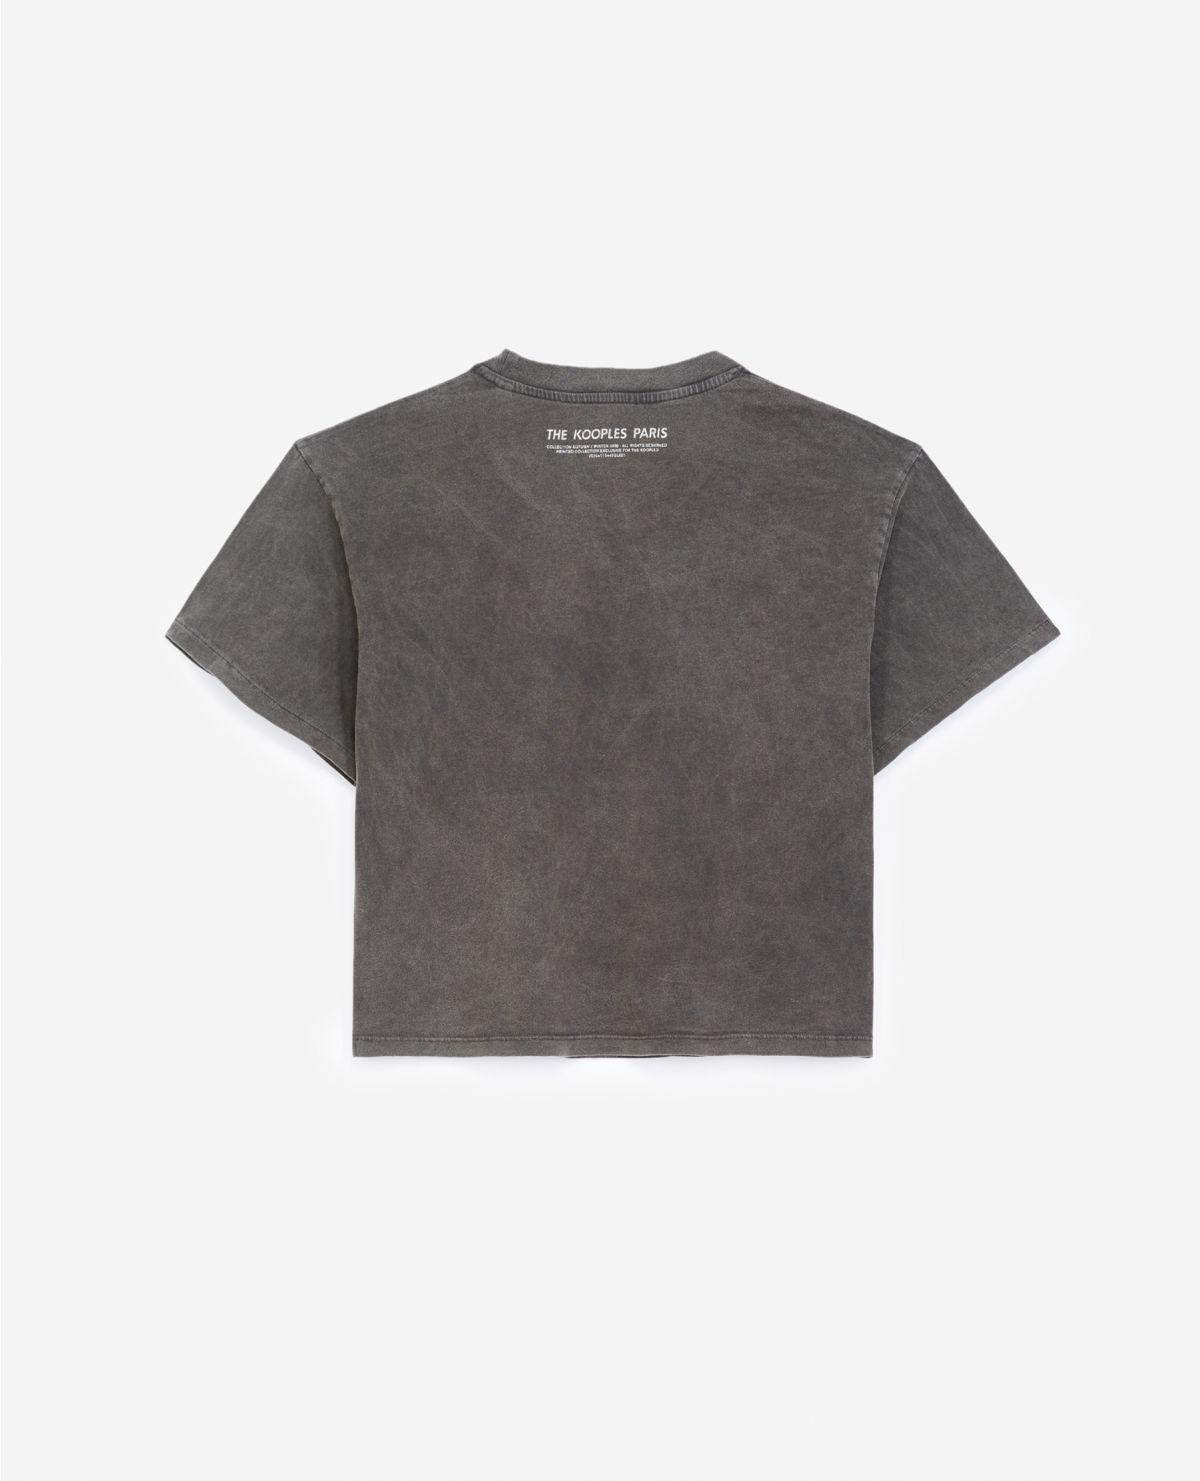 THE KOOPLES t-shirt noir coton sérigraphie rock-2